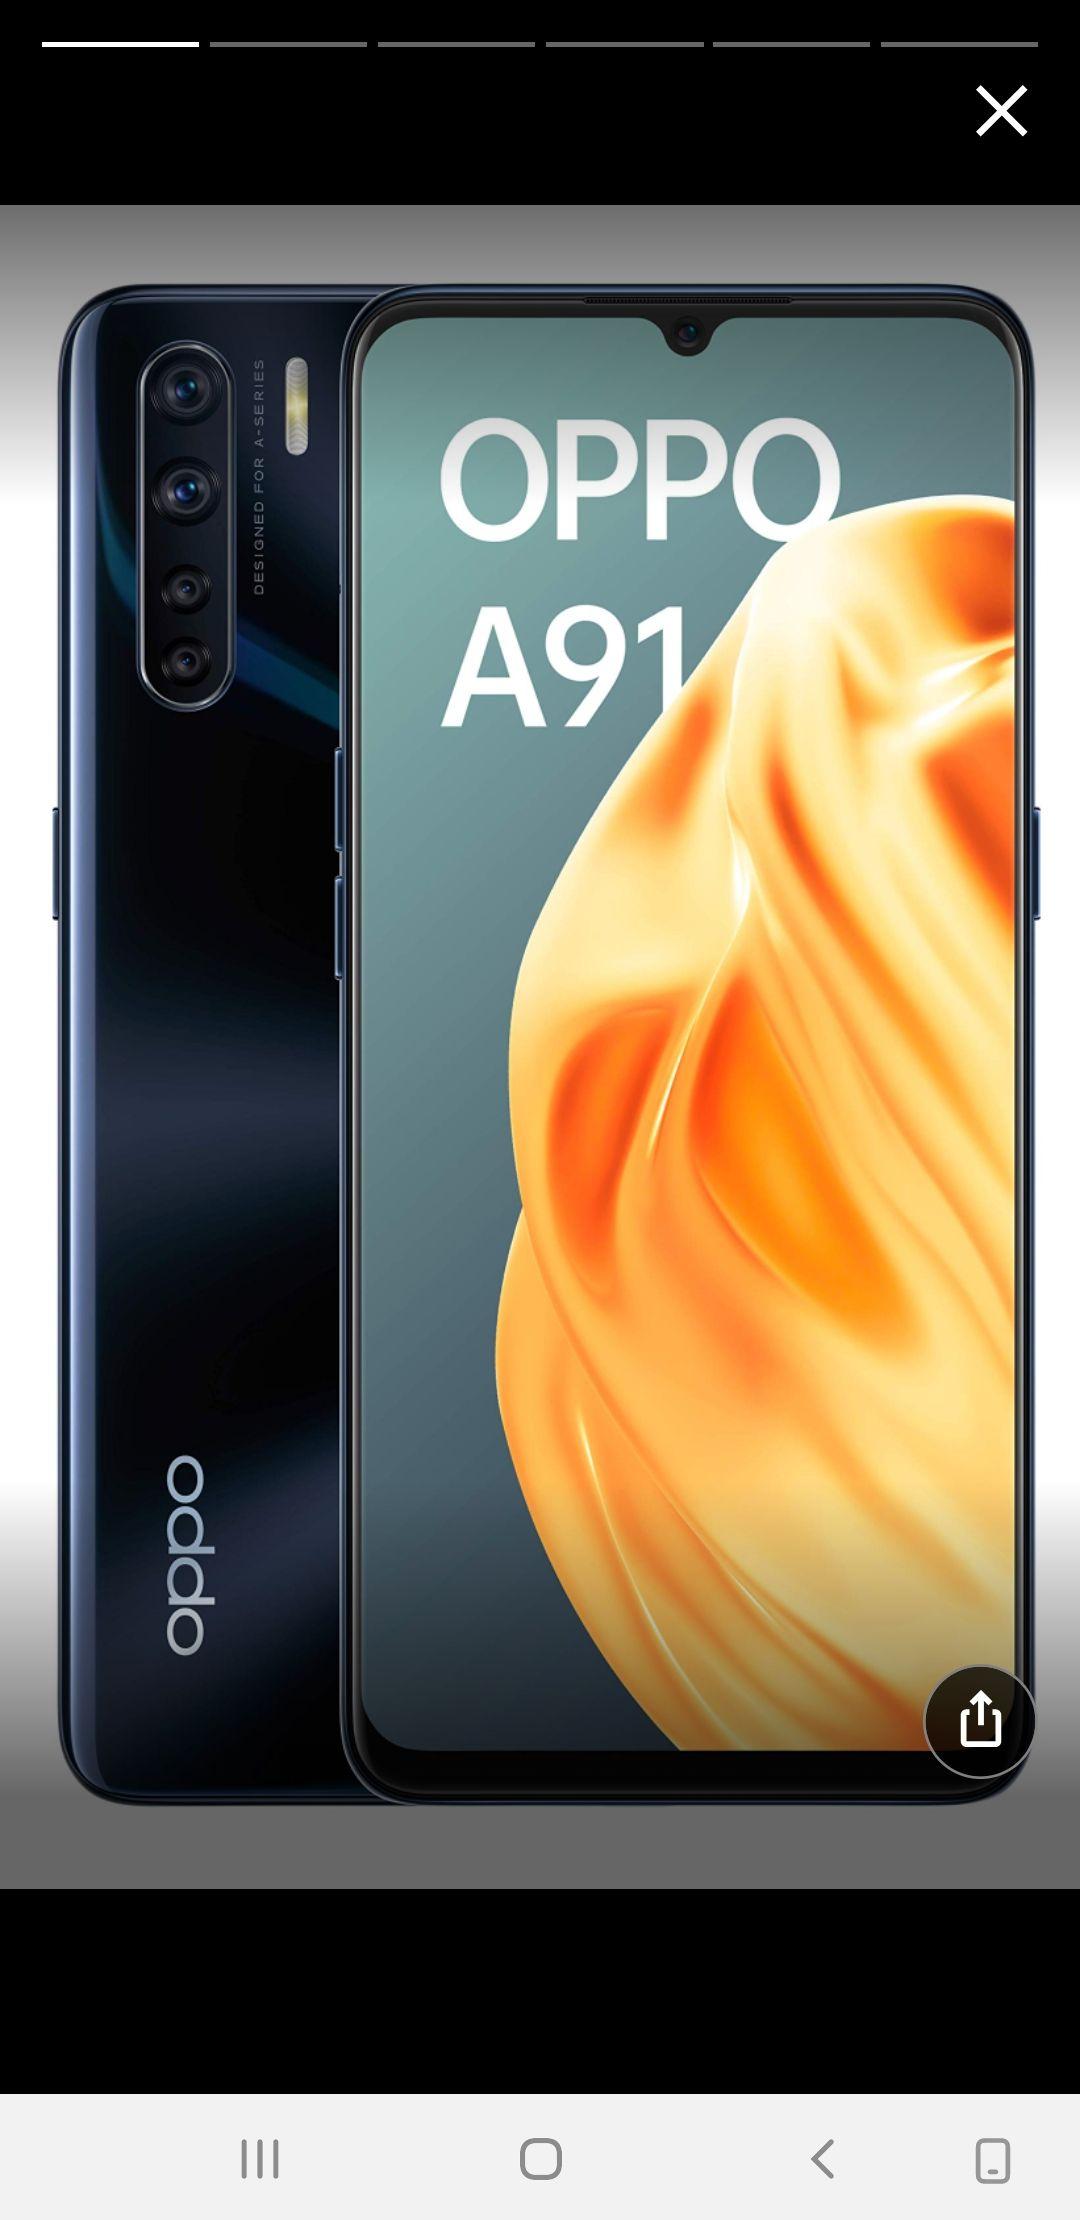 """OPPO A91 - Smartphone de 6.4 """" AMOLED, 8GB, 128GB, Octa-core,"""